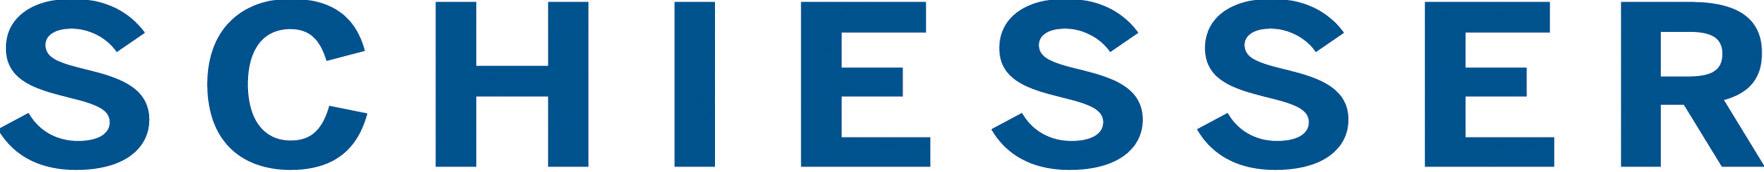 logo schiesser.jpg